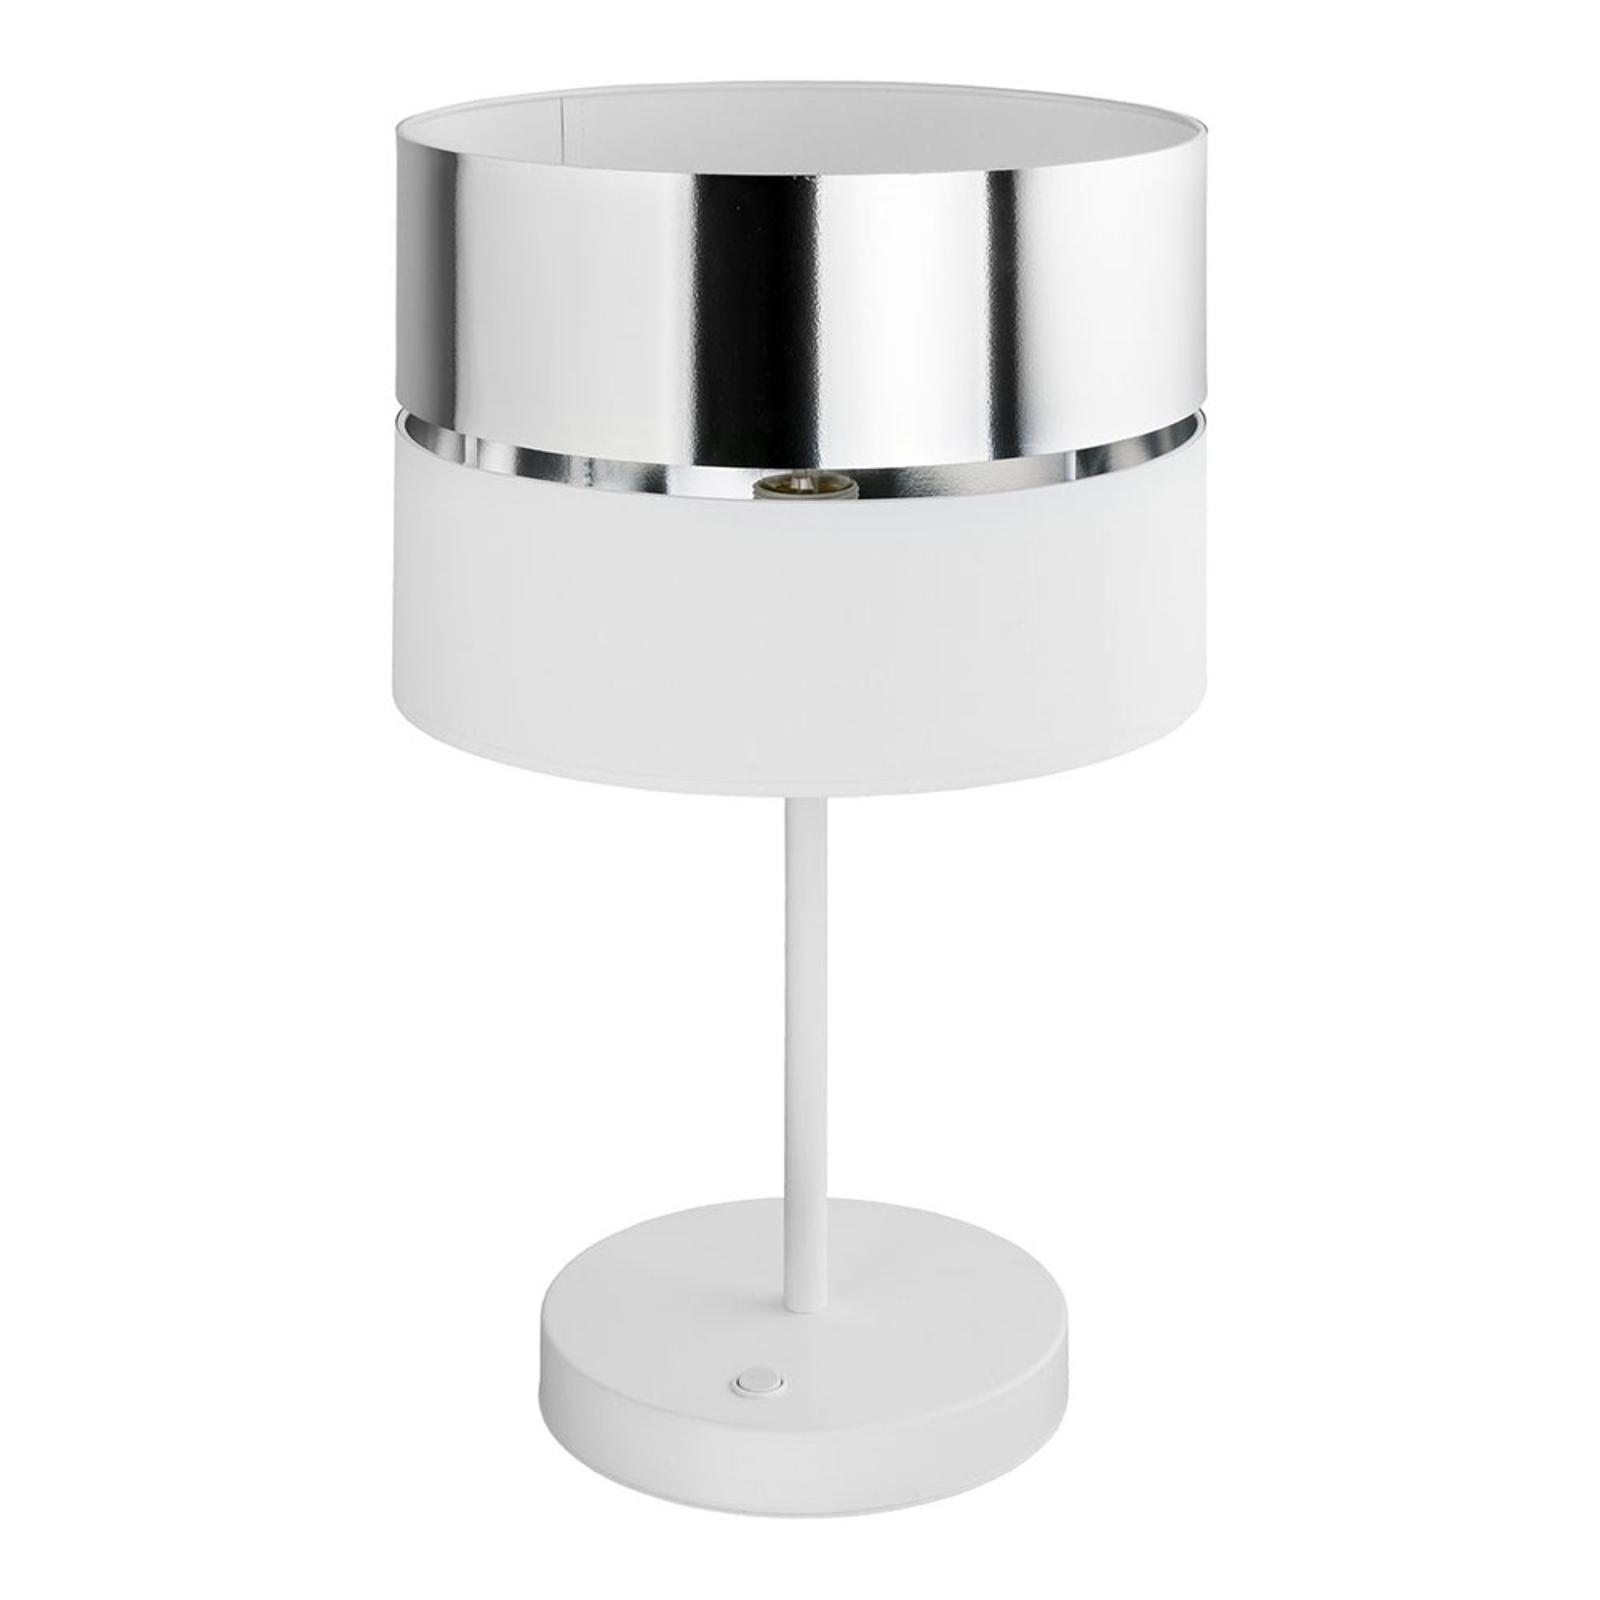 Hilton bordlampe, hvit/sølv